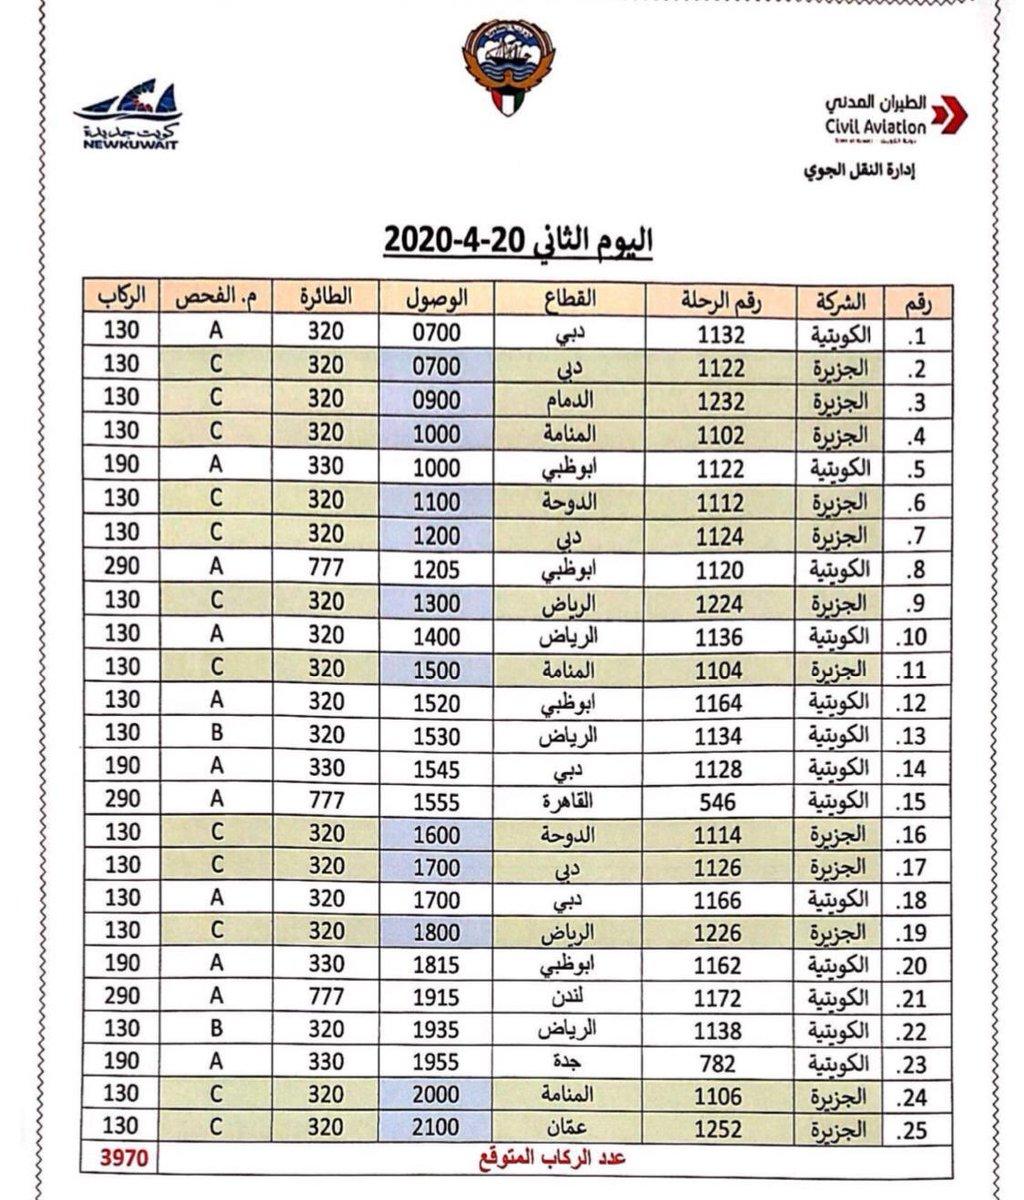 نبأ الكويتية On Twitter الطيران المدني يعلن عن جدول رحلات عودة المواطنين من الخارج للمرحلة الأولى من 19 إلى 21 أبريل وتشمل الرحلات الرياض الدمام أبوظبي دبي المنامة